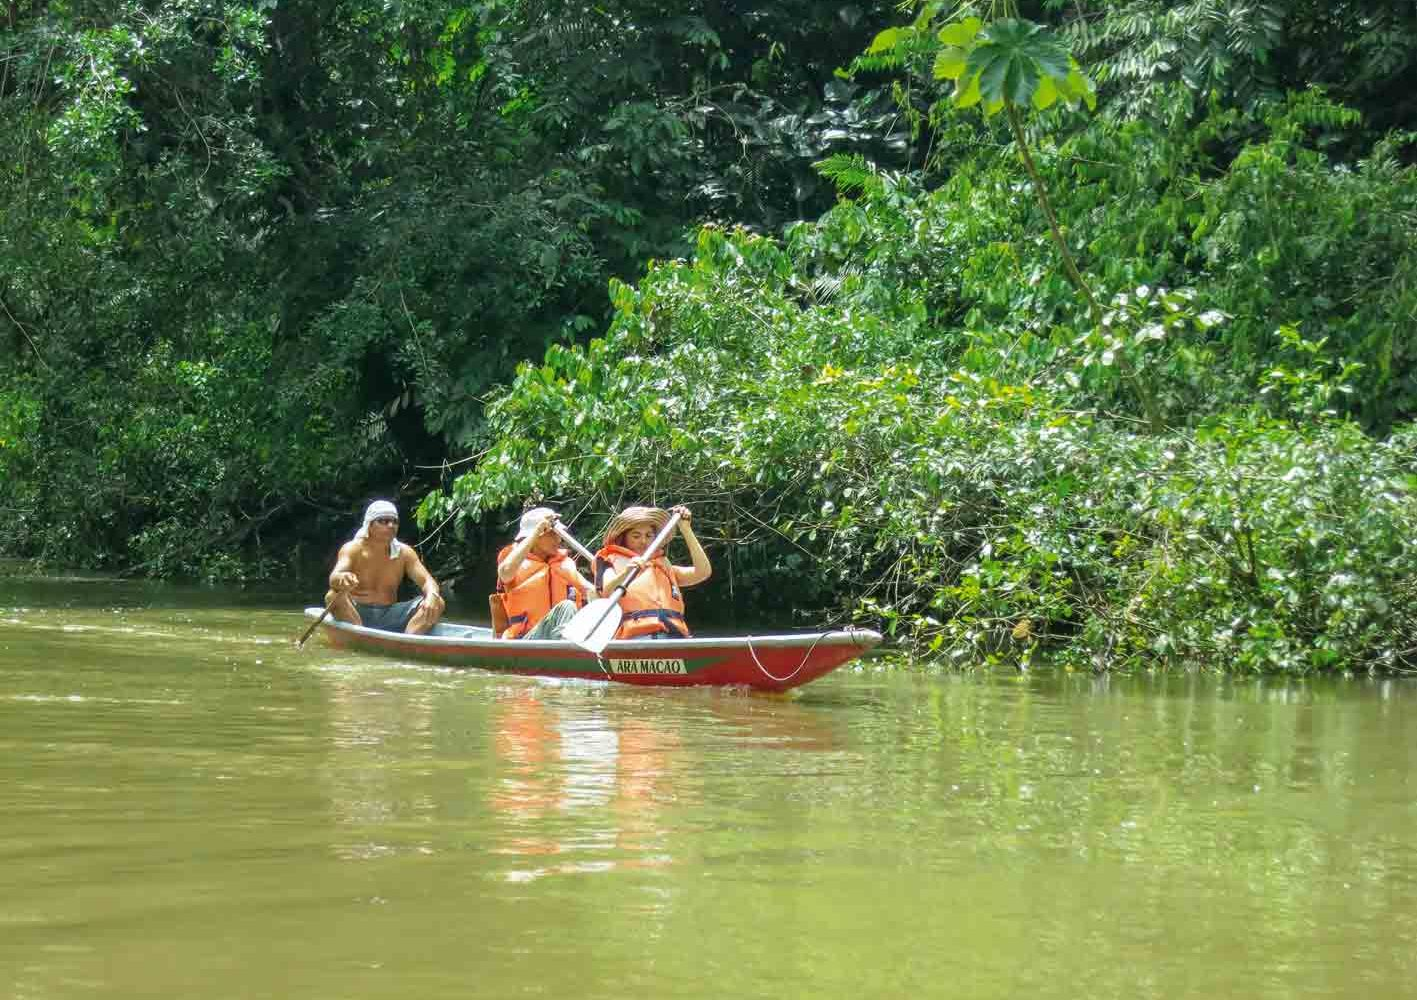 Diese Abenteuer sind auch für Familien ein Erlebnis: Sich auf einem Urwald-Fluss mit dem Kanu hinuntertreiben lassen, Ecuador